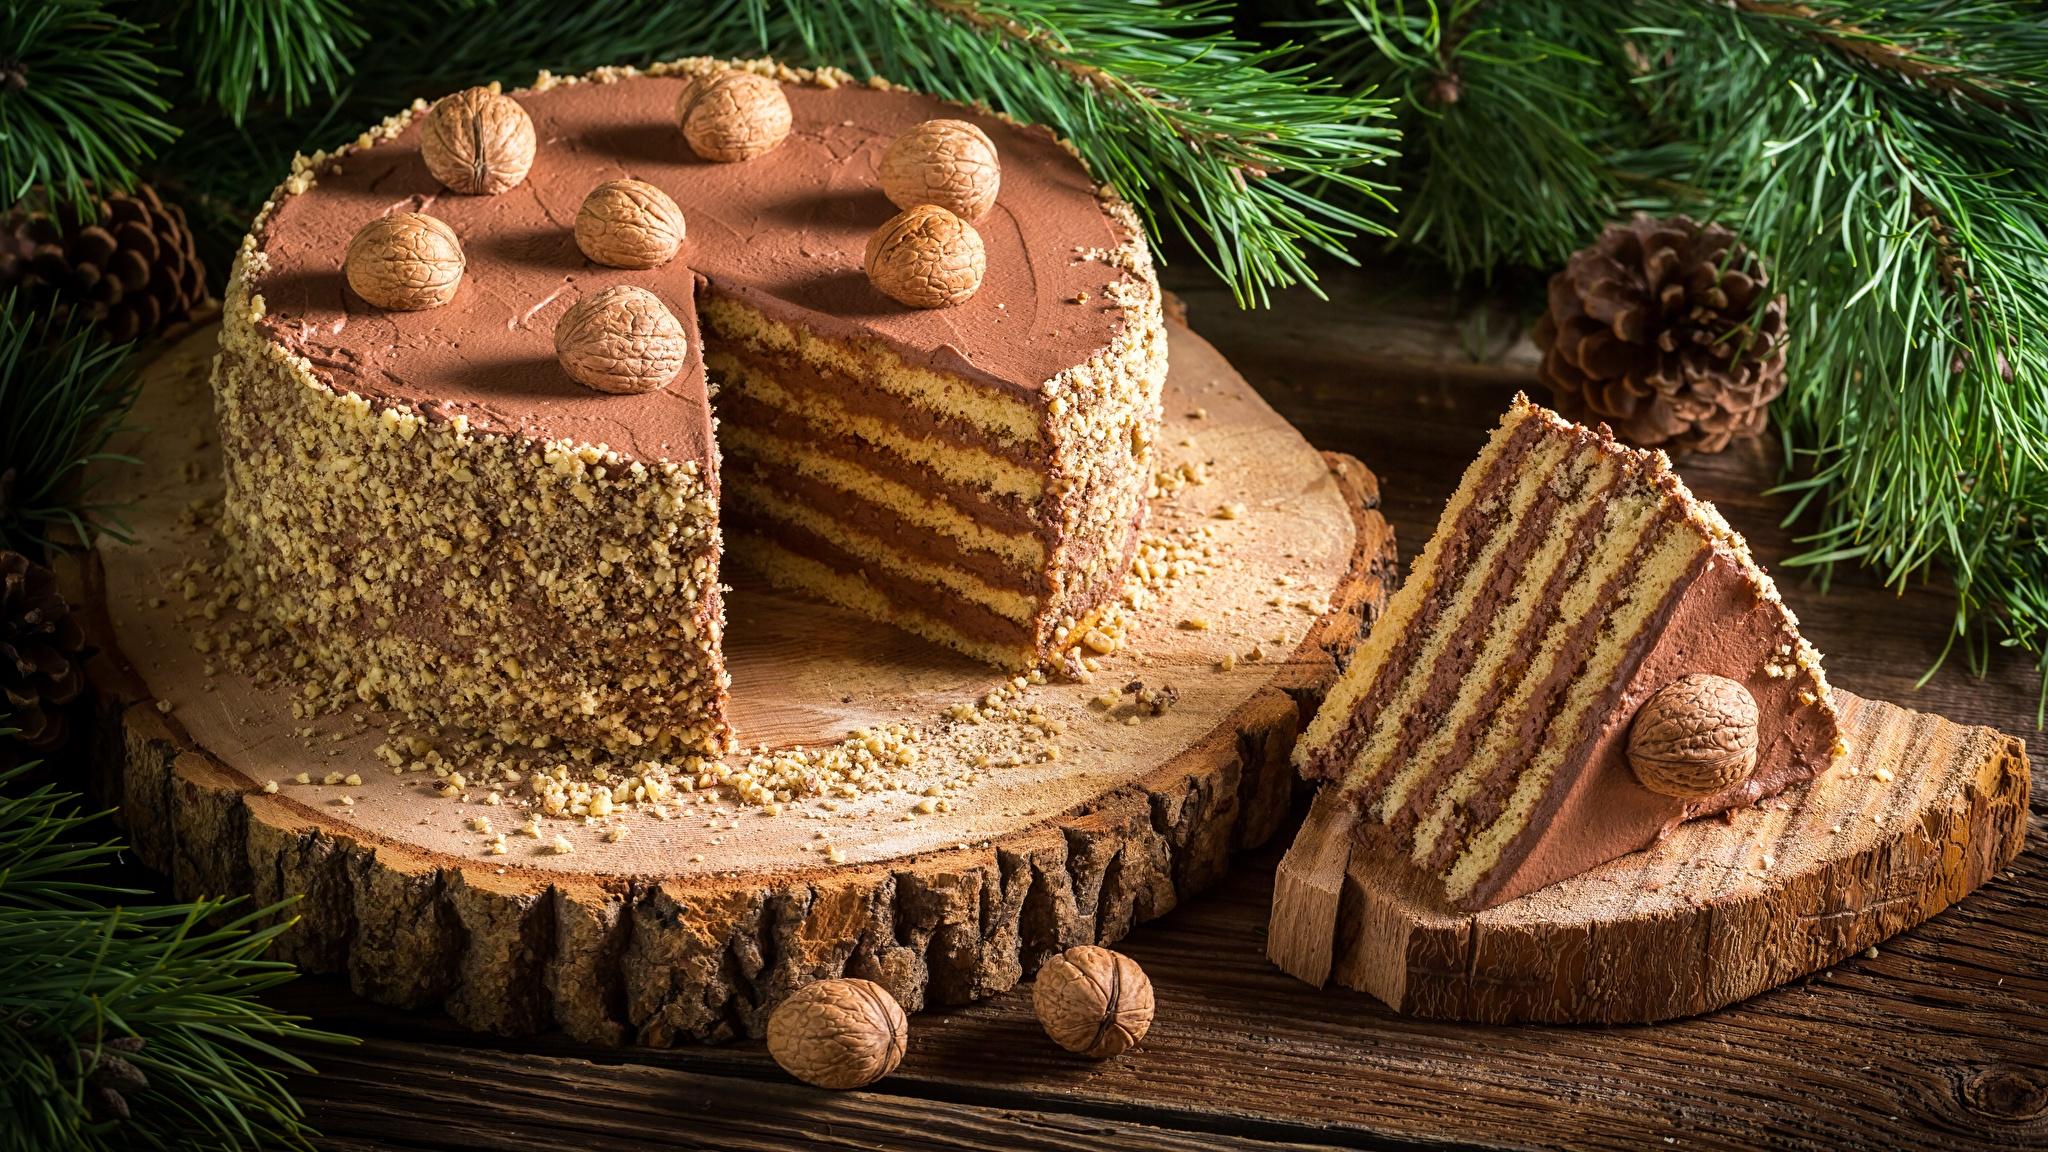 Обои Новый год Торты Кусок Продукты питания Орехи 2048x1152 Рождество часть Еда Пища